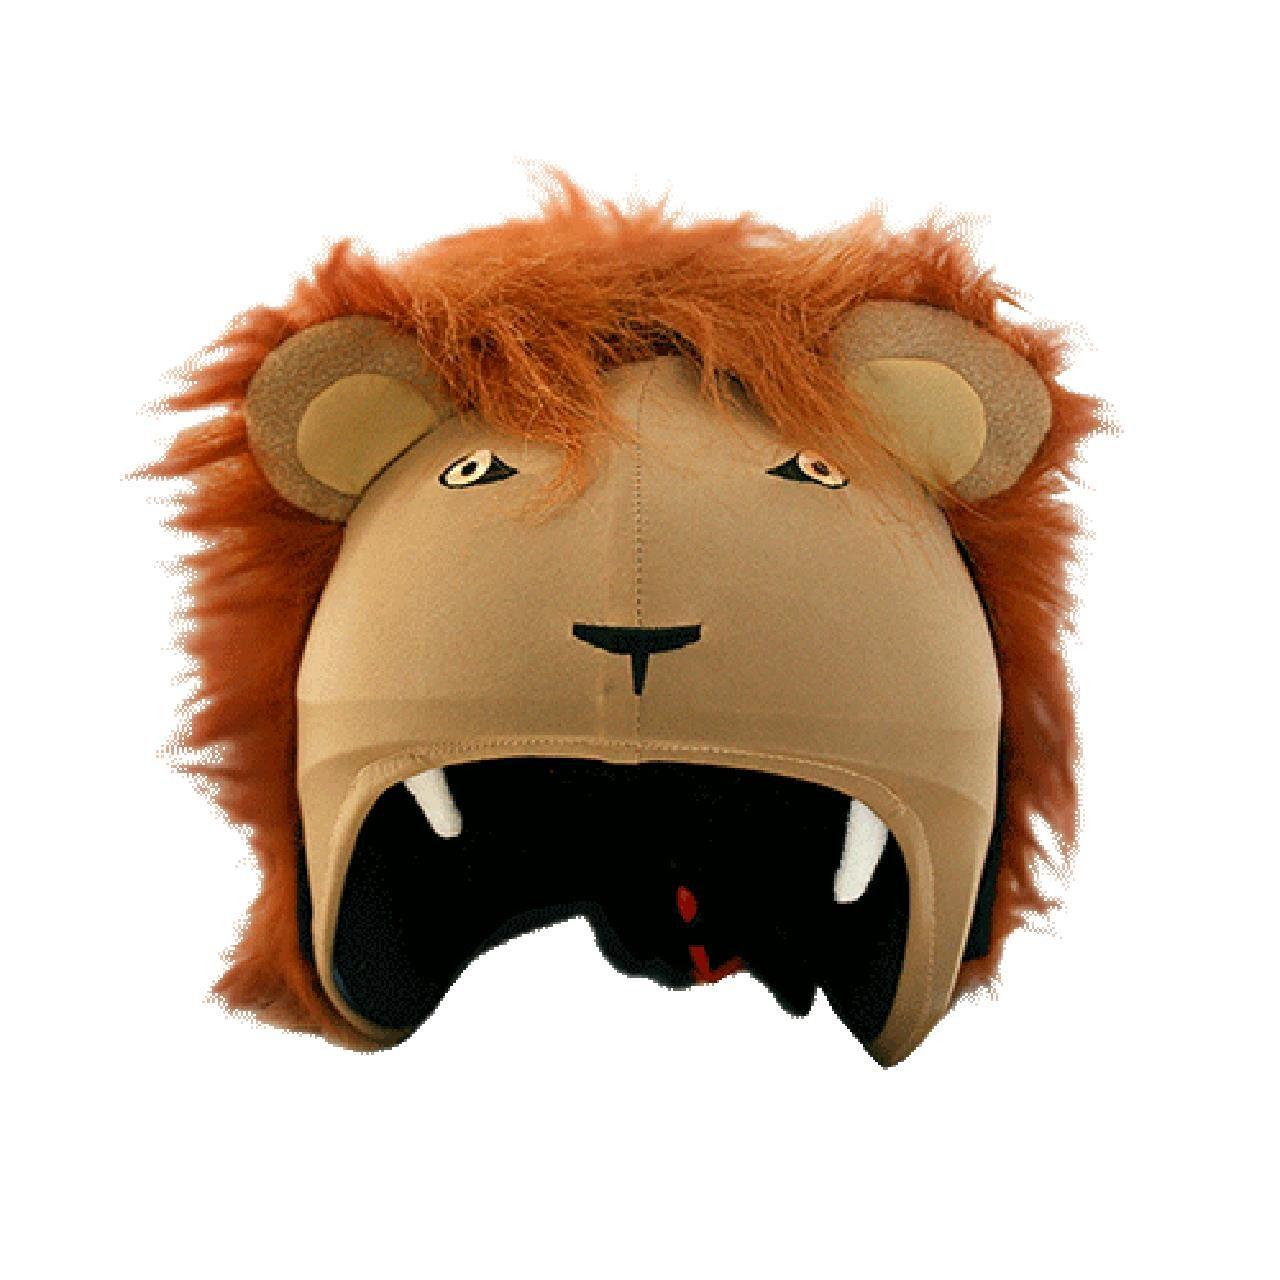 Нашлемник Coolcasc 2017-18 Lion